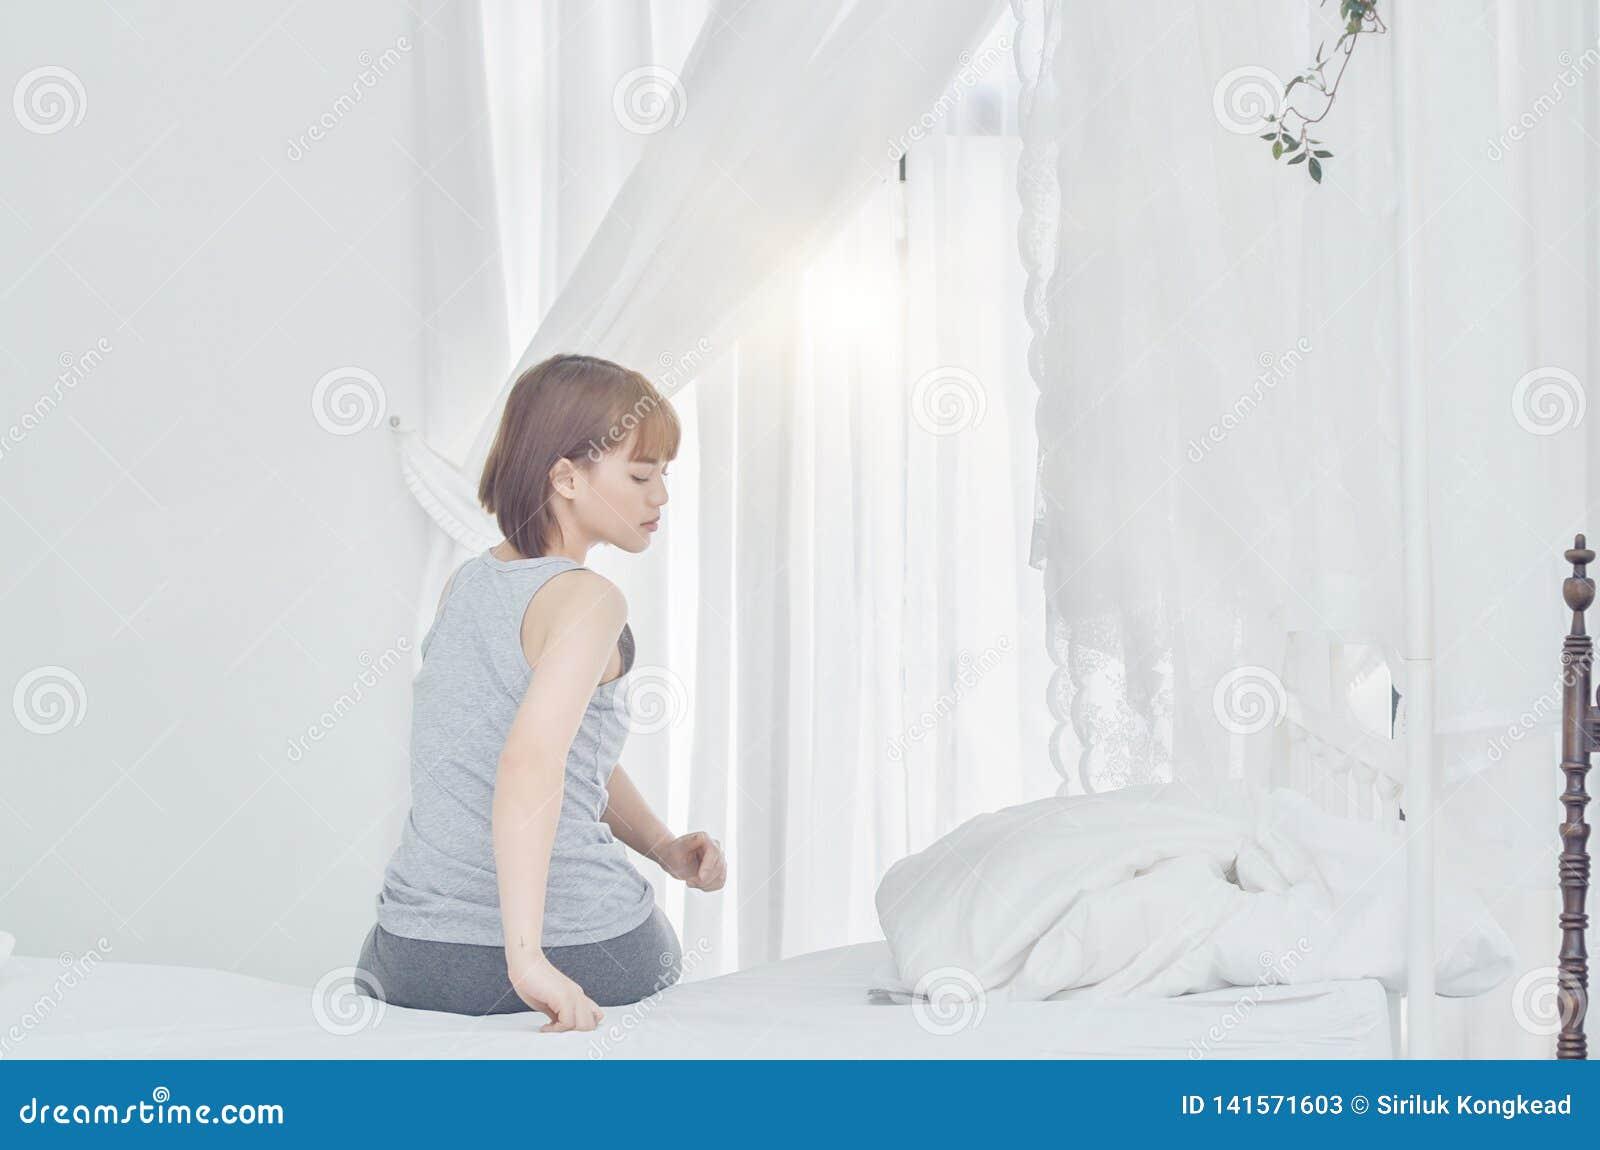 Kobiety jest ubranym szare piżamy siedzi na leżance Używają rękojeść stopa